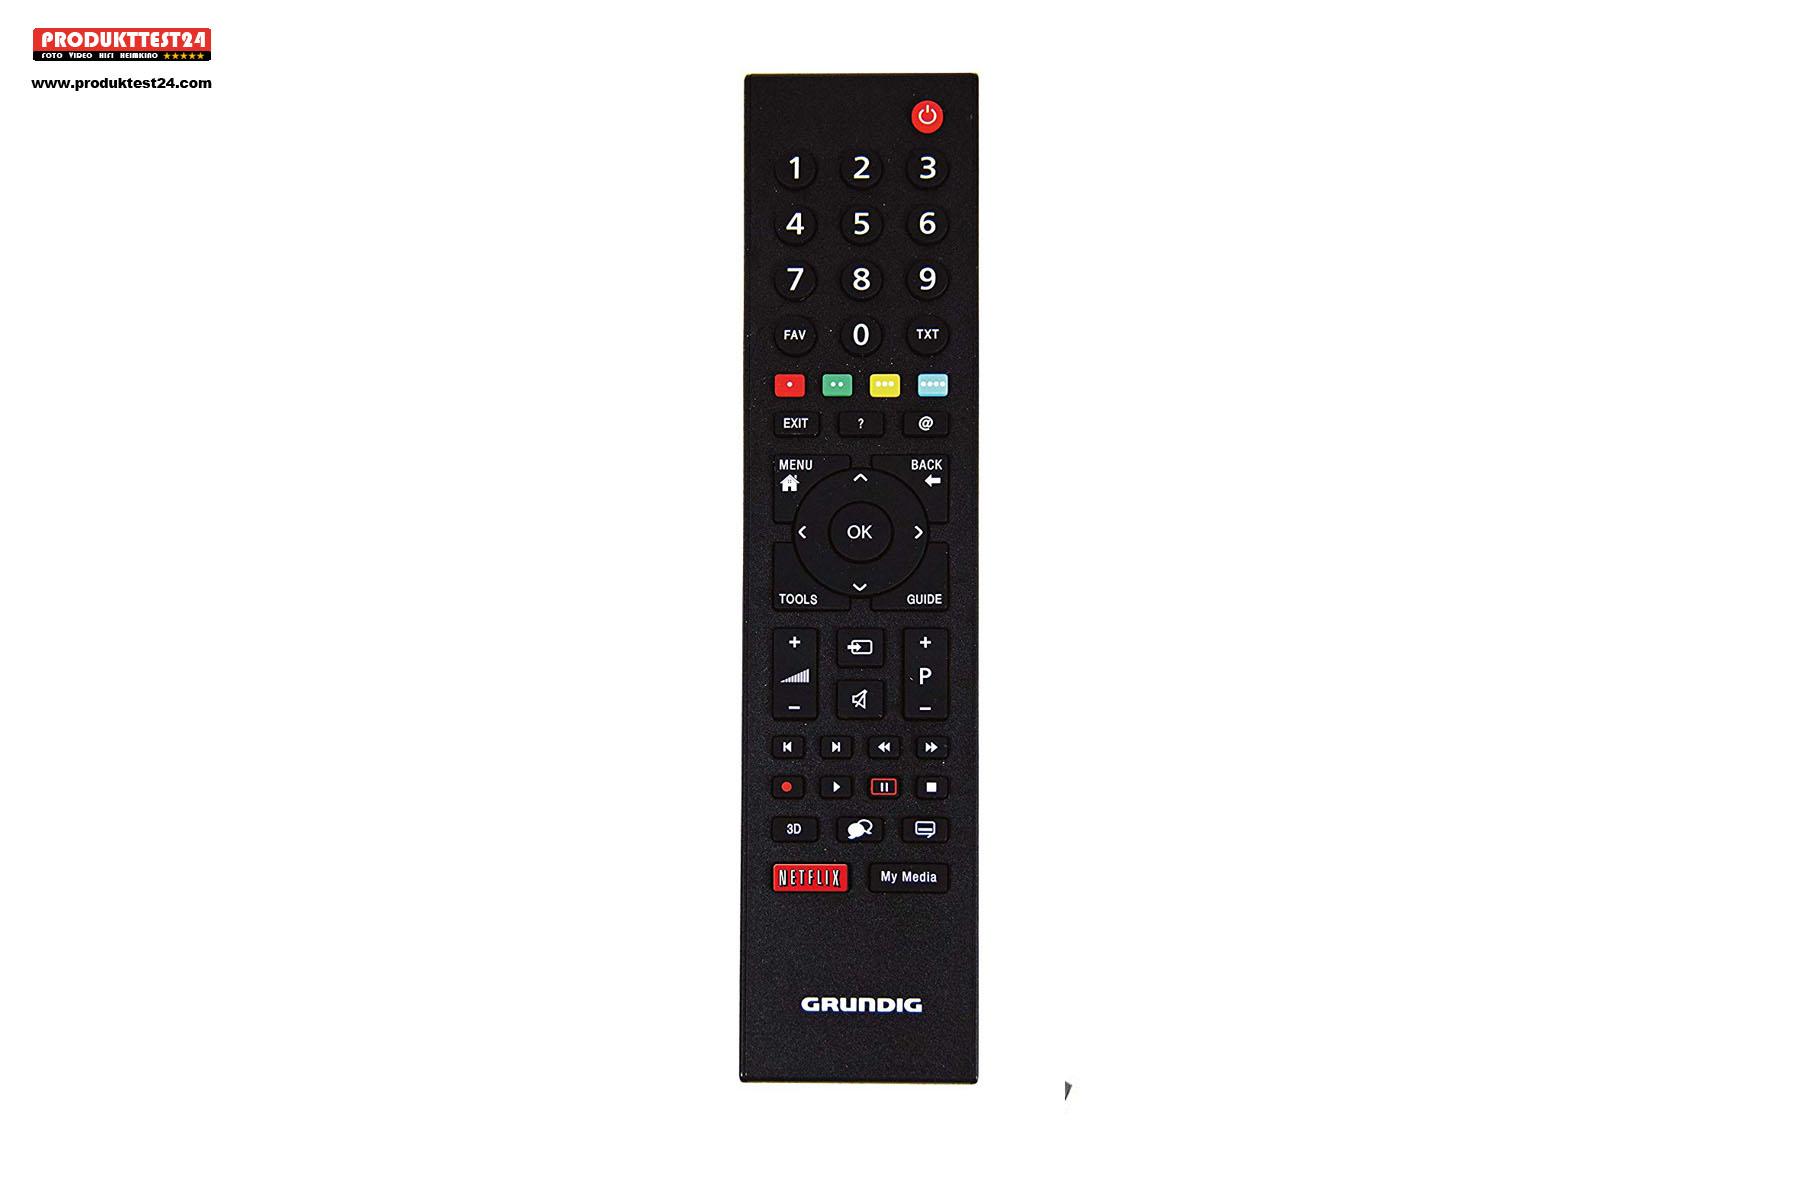 Die Grundig Fernbedienung mit extra Netflix Button